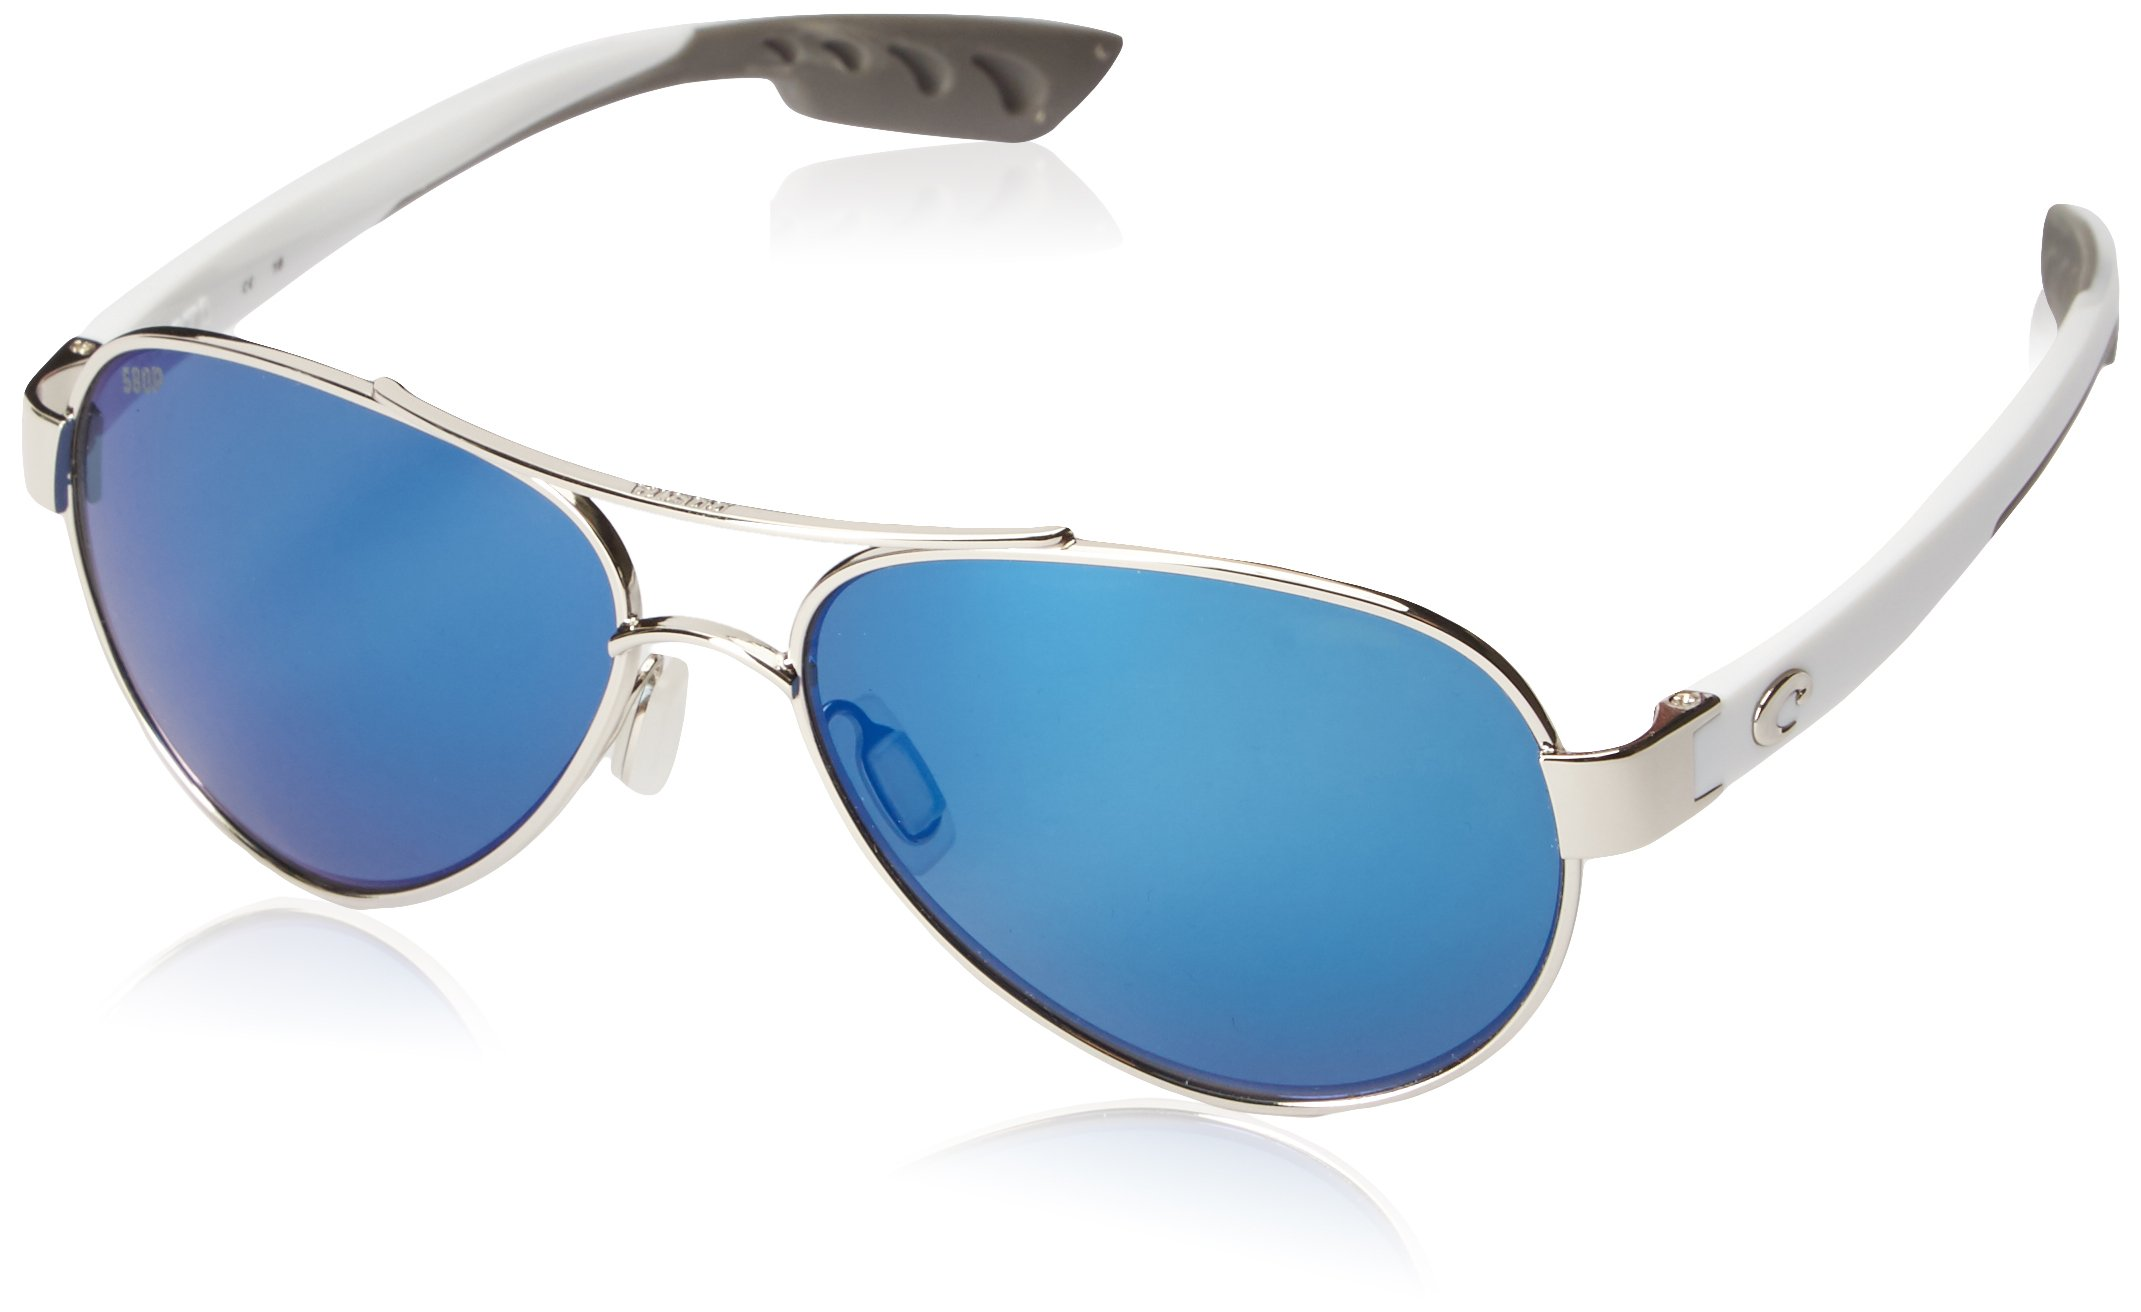 Costa del Mar Loreto Sunglasses Palladium w/White/Blue Mirror 580Plastic by Costa Del Mar